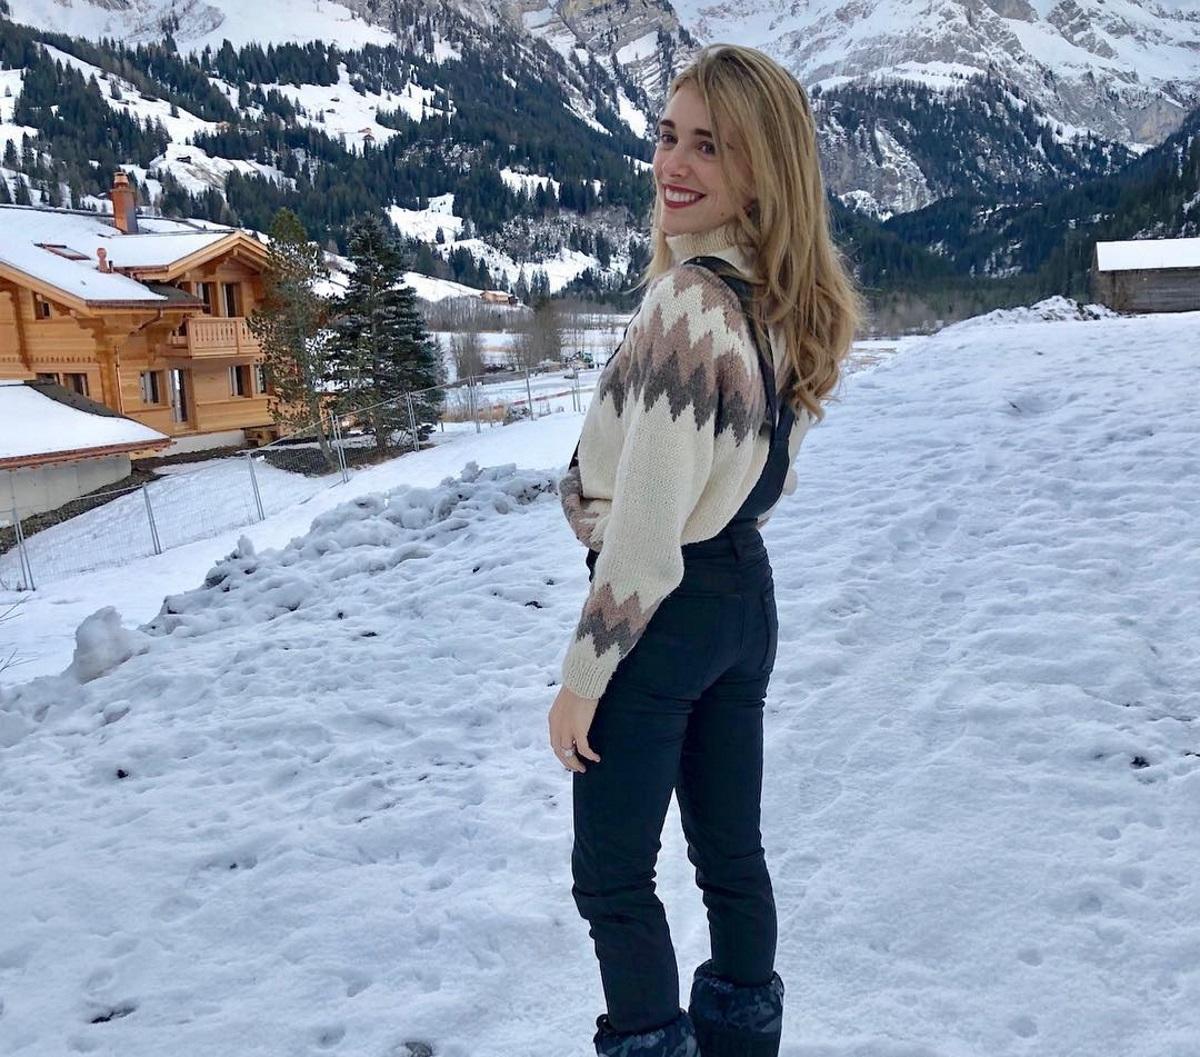 Μαριάννα Γουλανδρή: Η τρυφερή φωτογραφία με τον σύζυγό της Φίλιππο Λαιμό με φόντο το χιονισμένο τοπίο! | tlife.gr